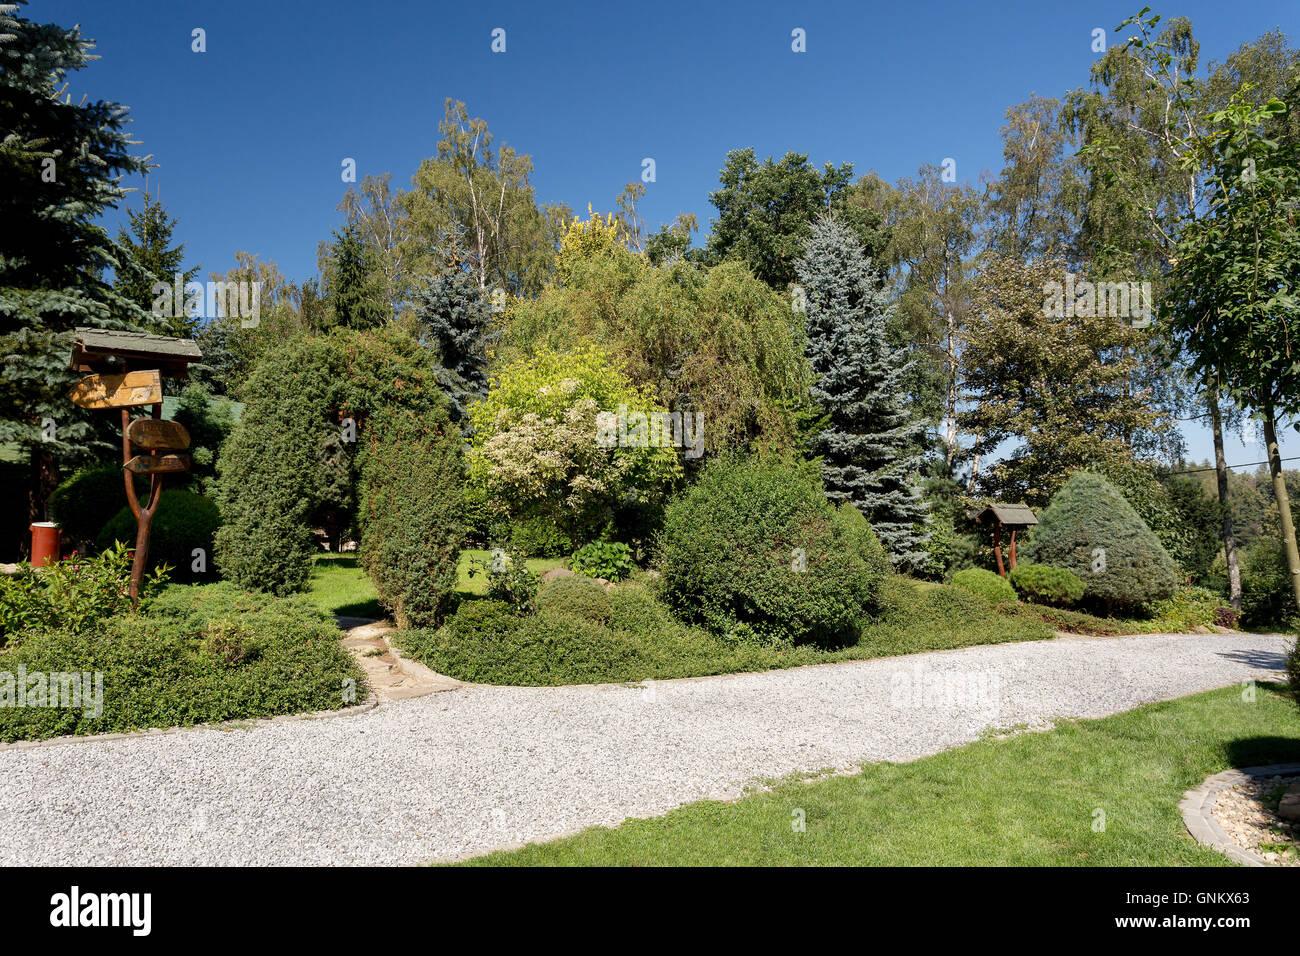 Luxus garten  Schönen Sommer Gartengestaltung mit Nadelbaum Bäume, grüne Gras- und ...